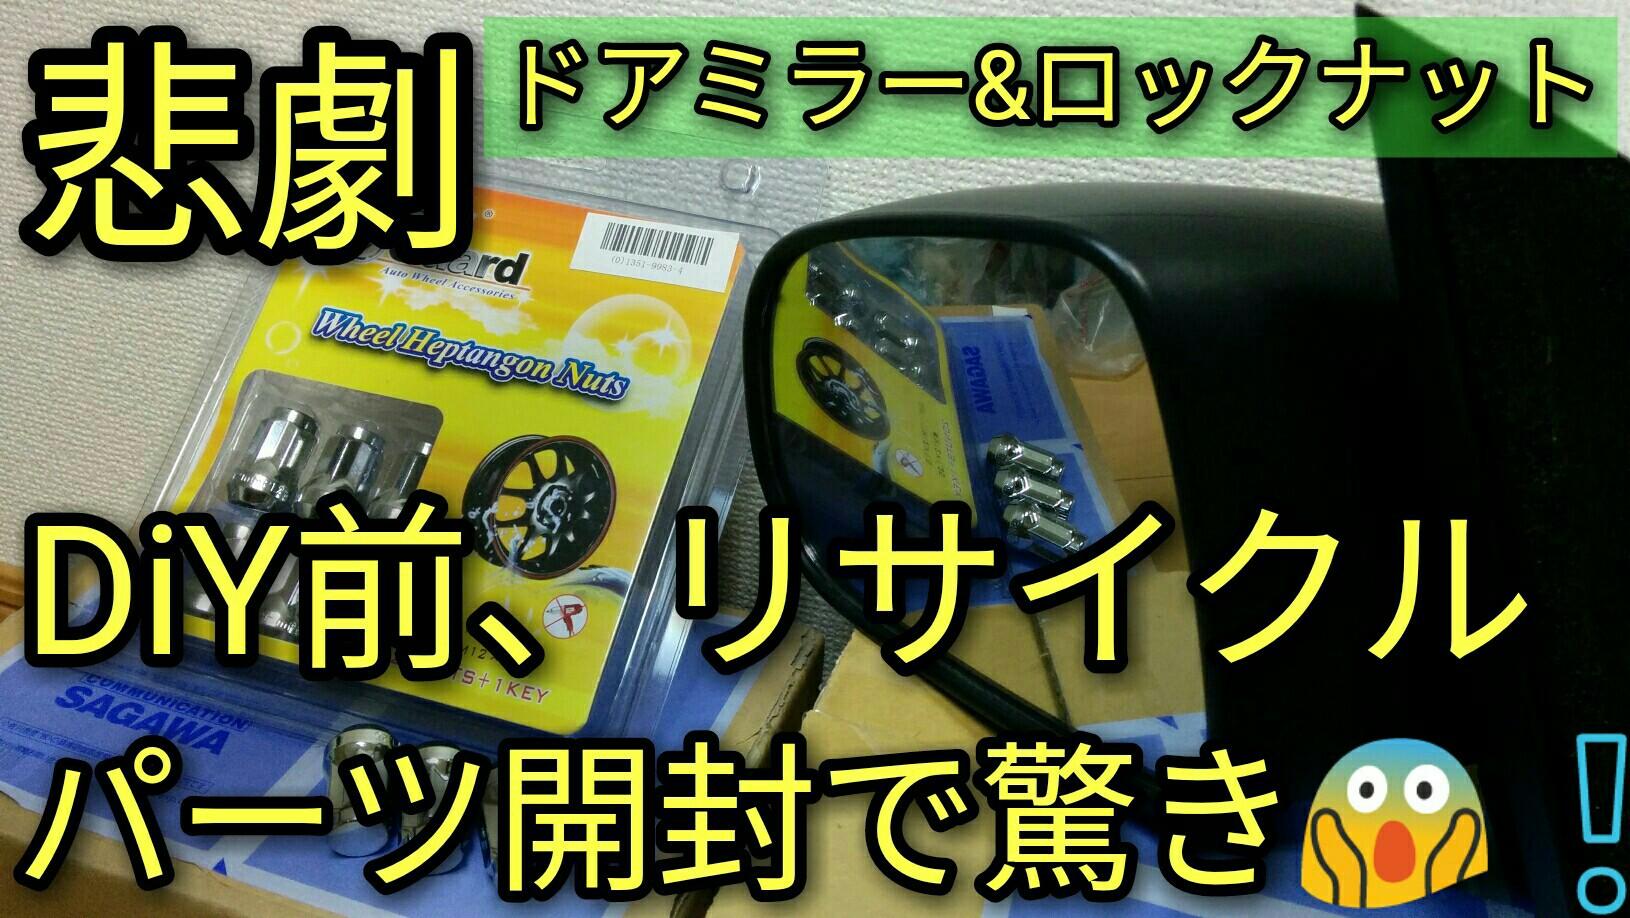 七星形🙆🆙海外製ロックナット😊&リサイクルパーツ【ドアミラー】 七星形ロックナット